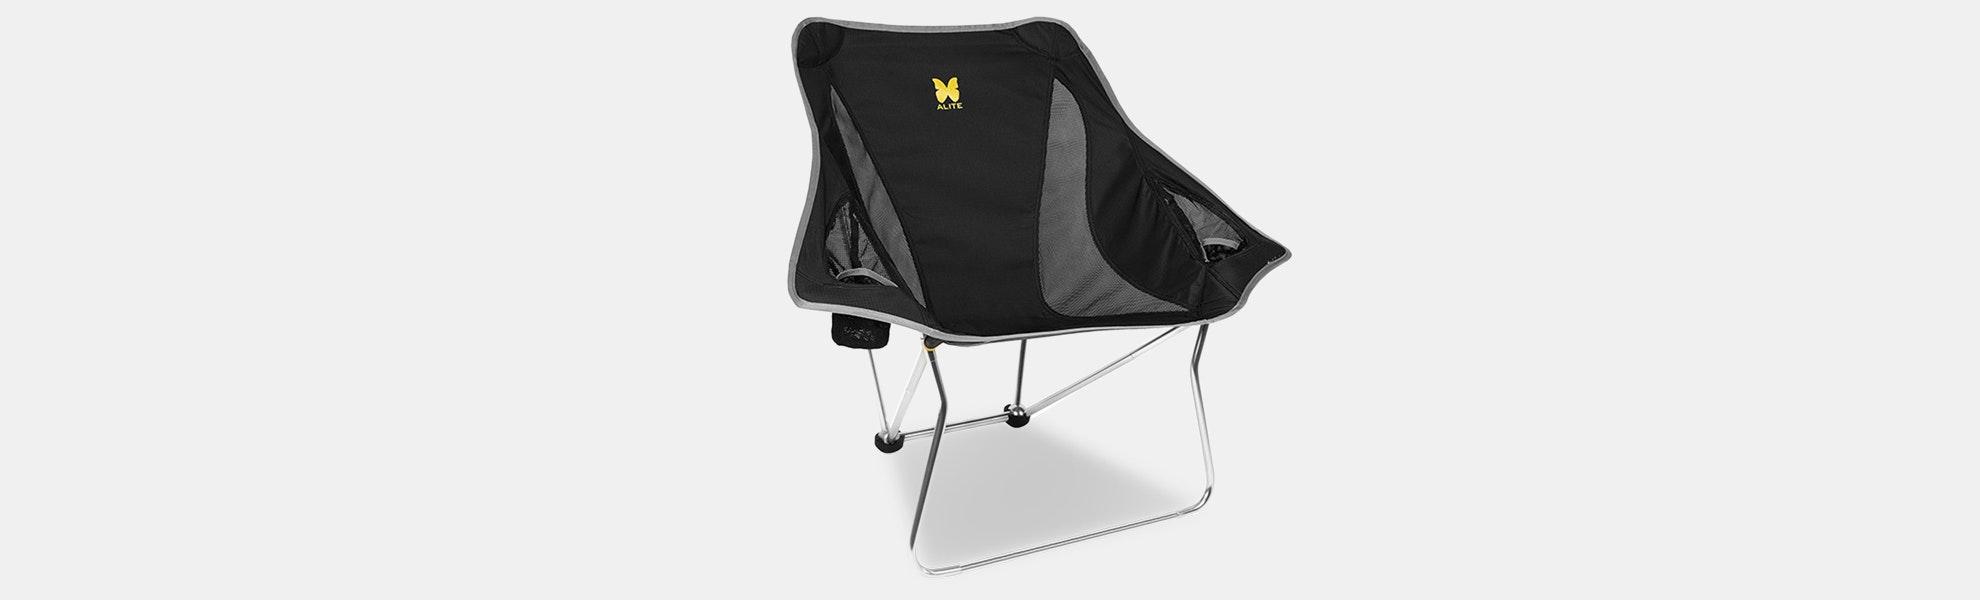 Alite Stonefly Chair